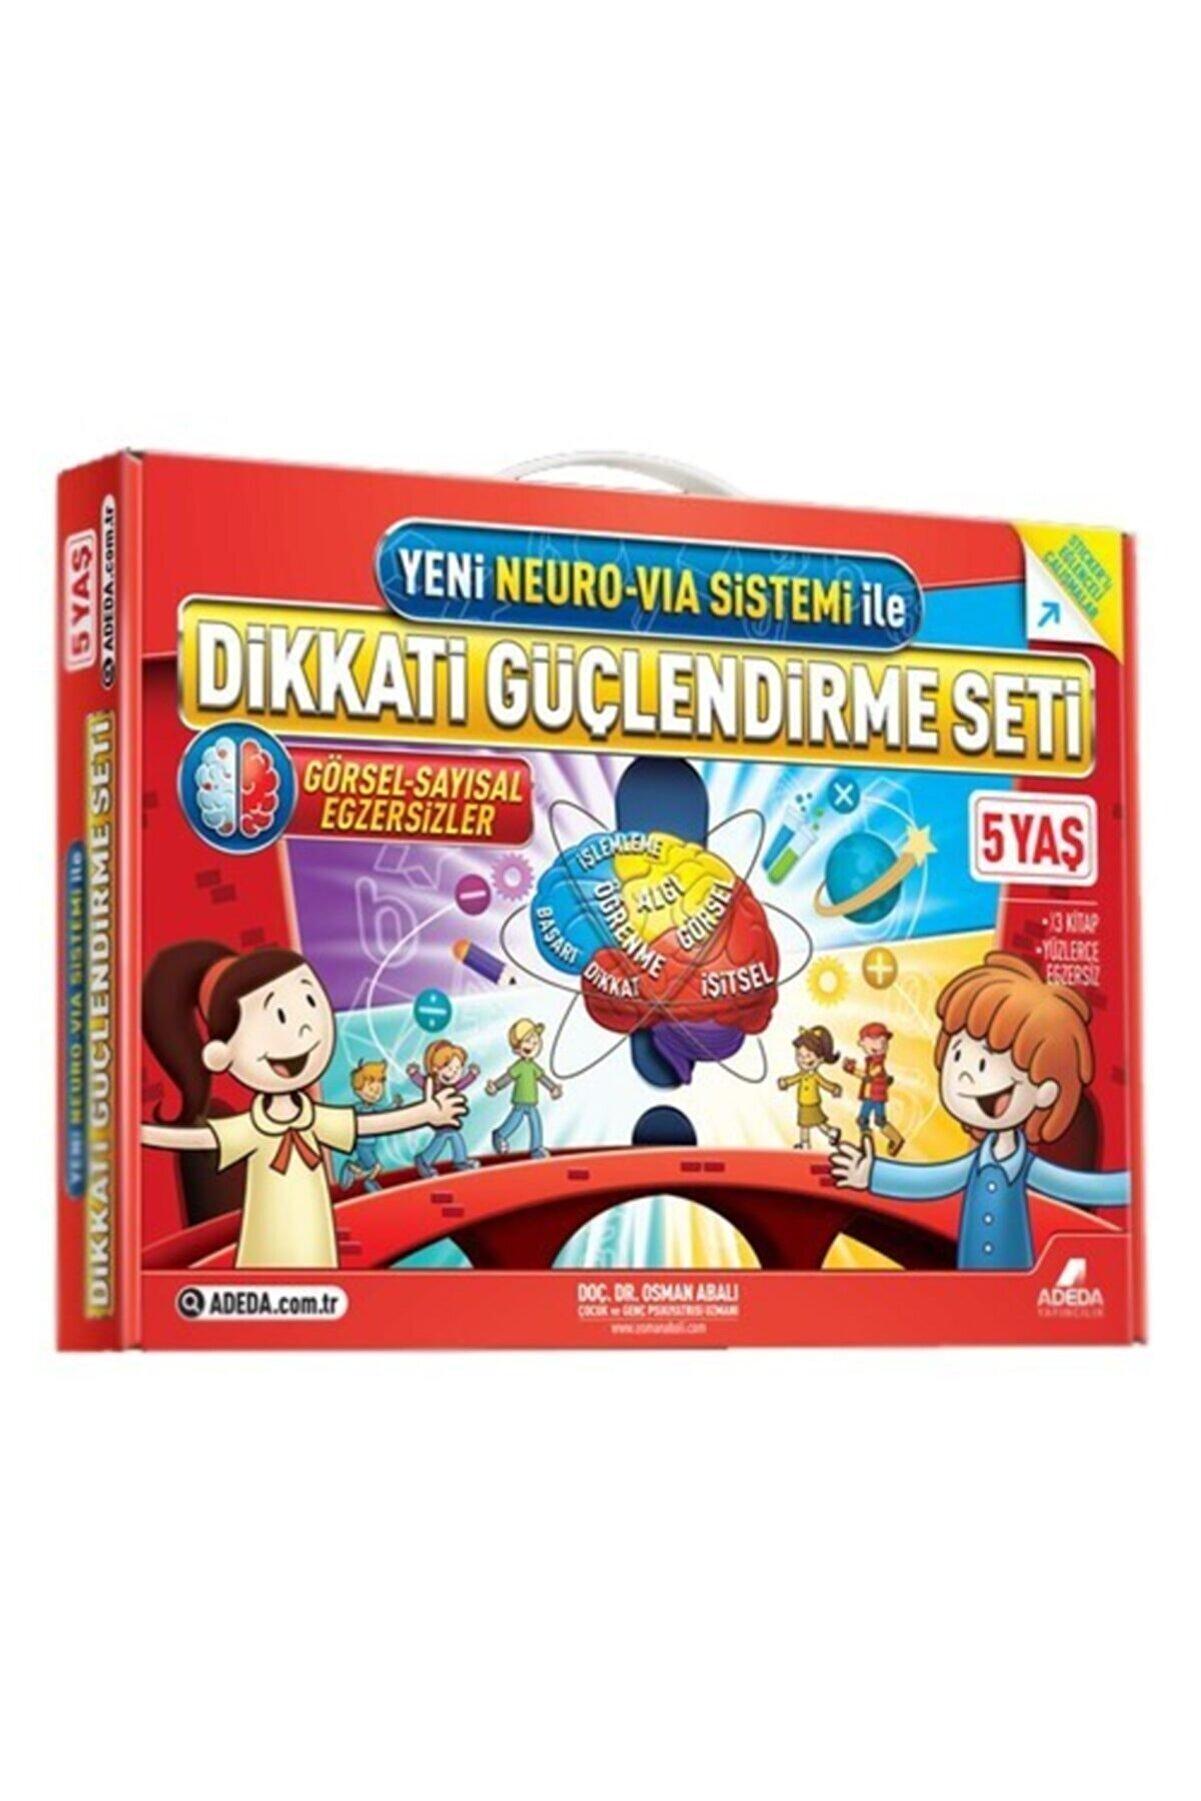 Adeda Yayınları Orıgınal Adeda Dikkati Güçlendirme Seti Anasınıfı 5 Yaş Neuro Via Osman Abalı